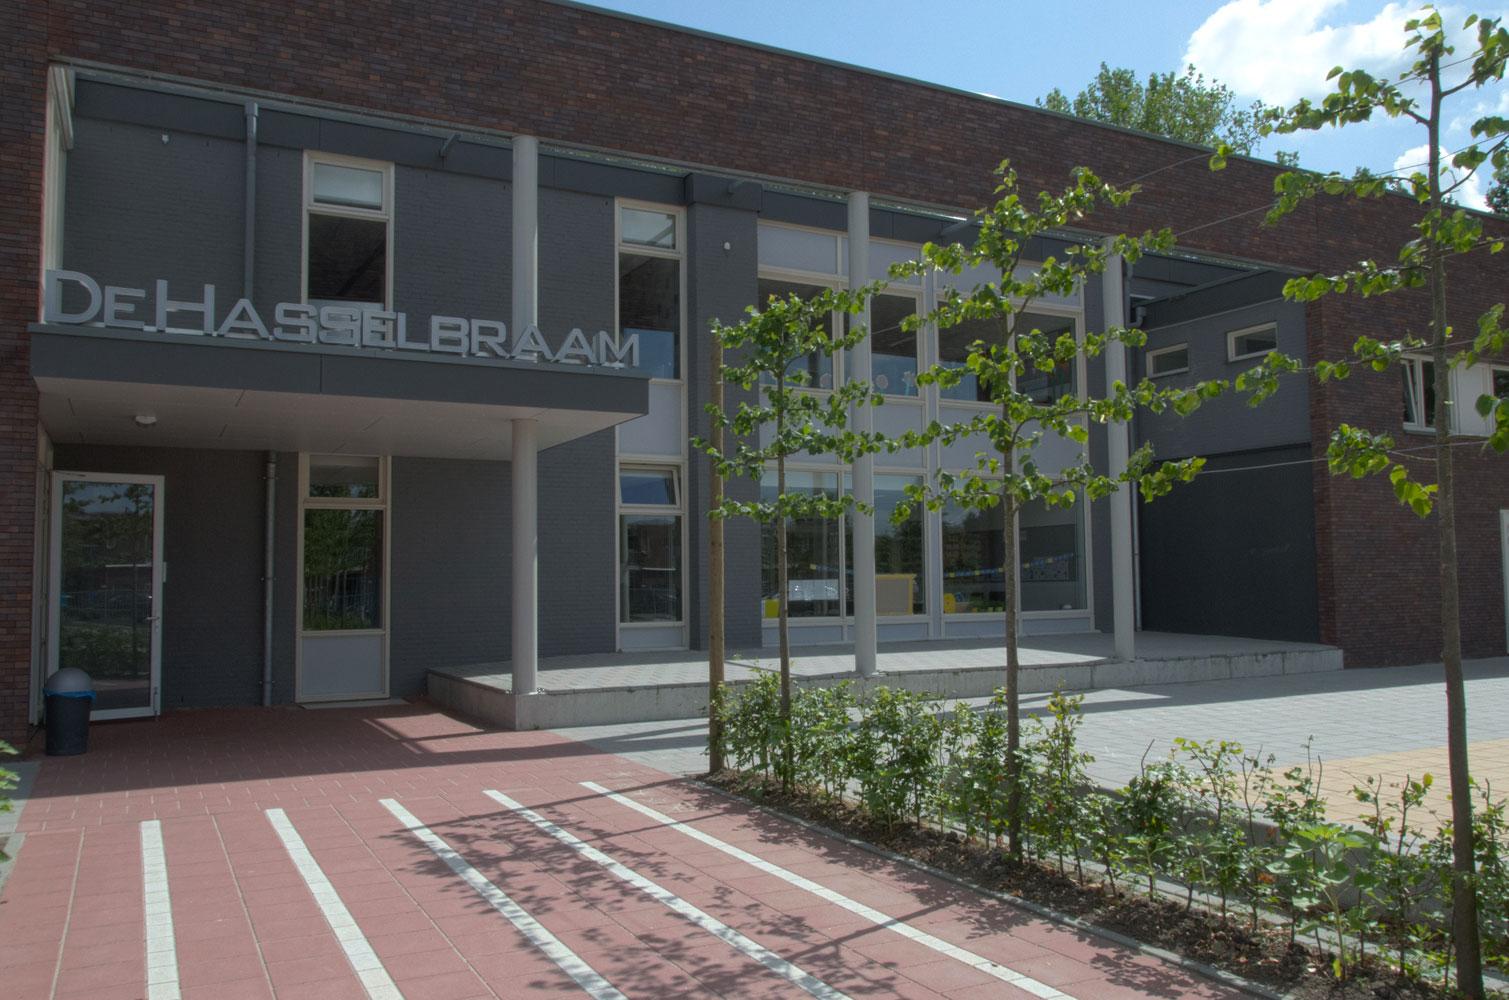 02312ext2 Verbouwing basisschool De Hasselbraam Etten-Leur